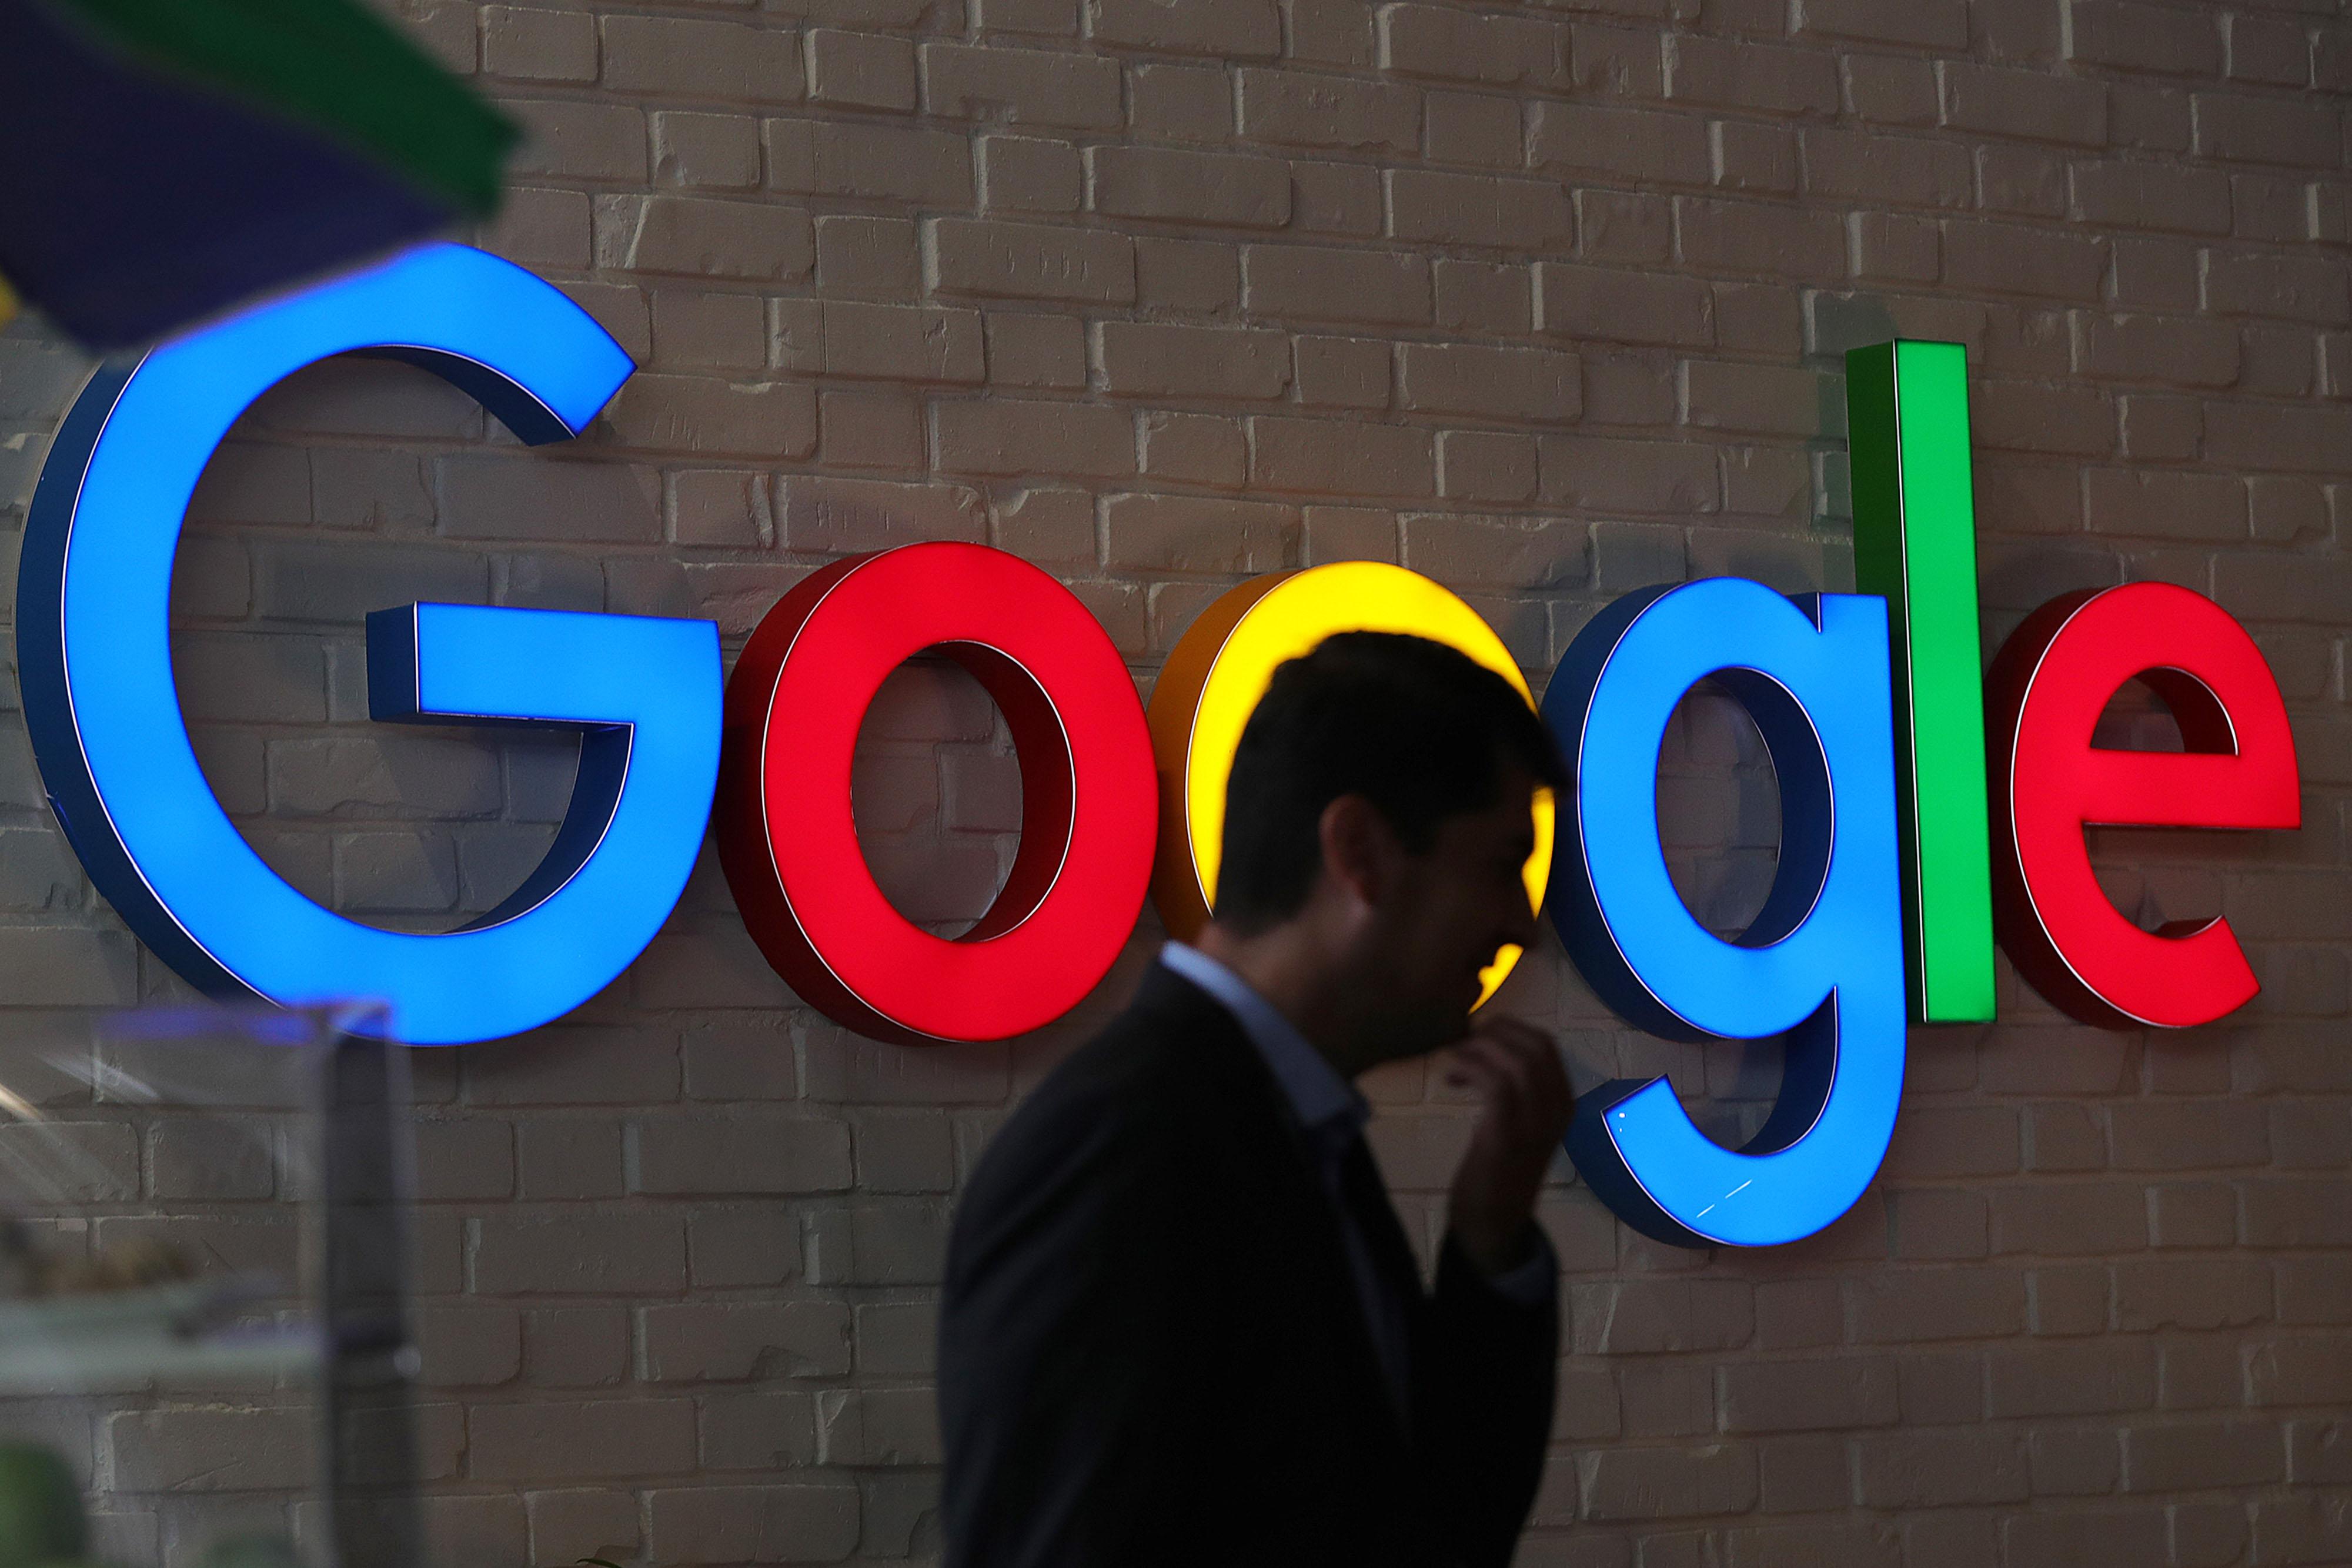 Techmeme: Google confirms it has received a civil